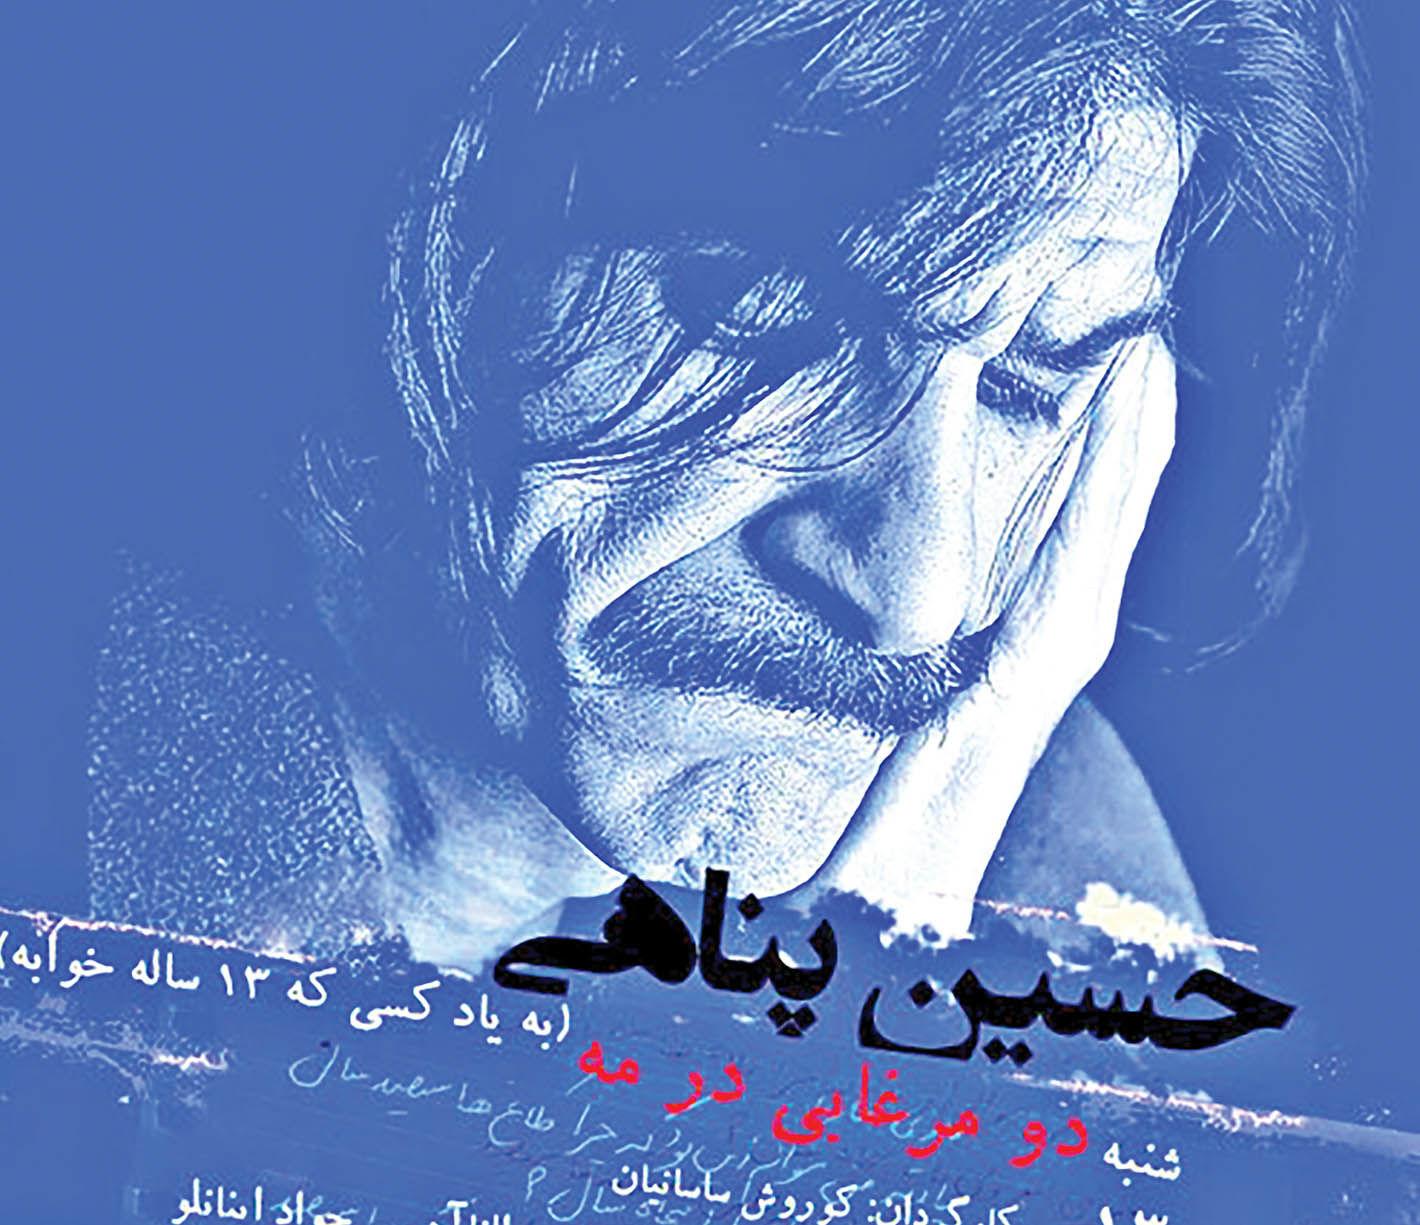 اجرای رایگان نمایشنامه حسین پناهی در تالار ناصرخسرو